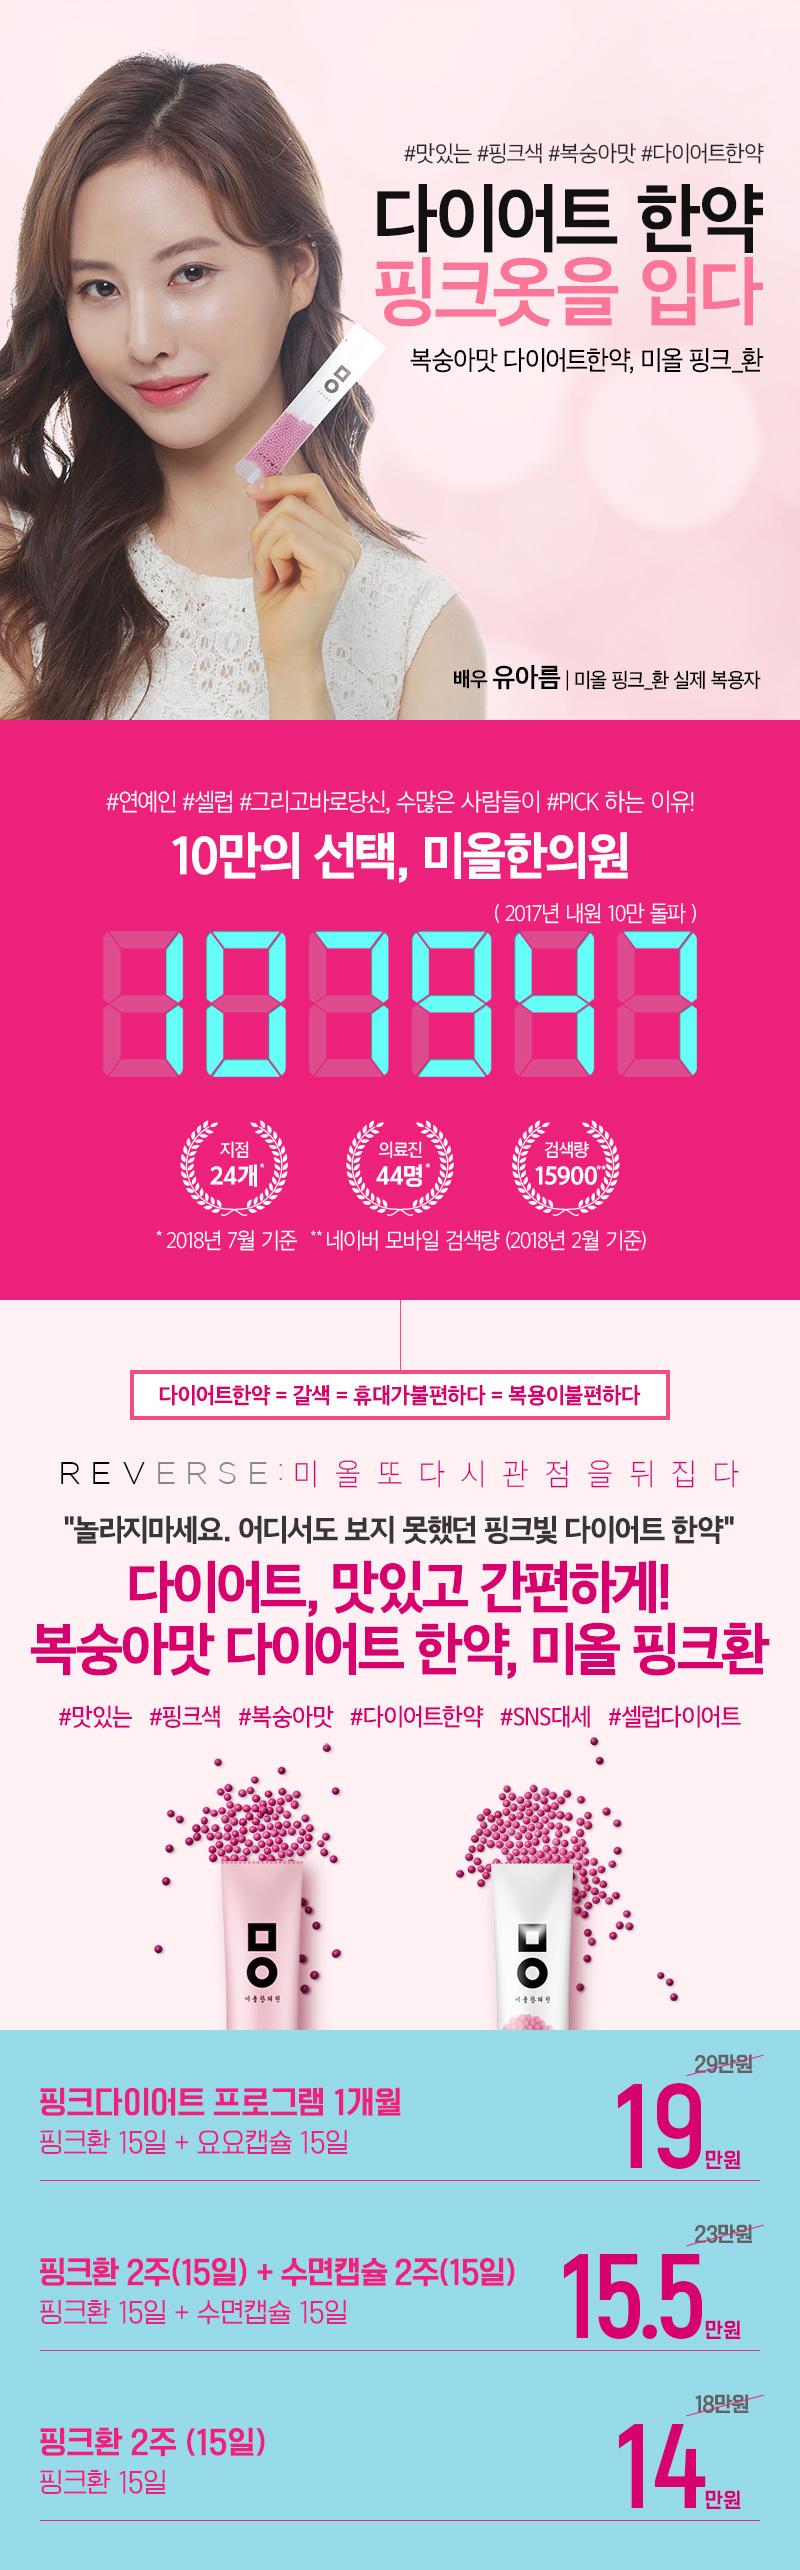 D event info b46a876495476f4f24